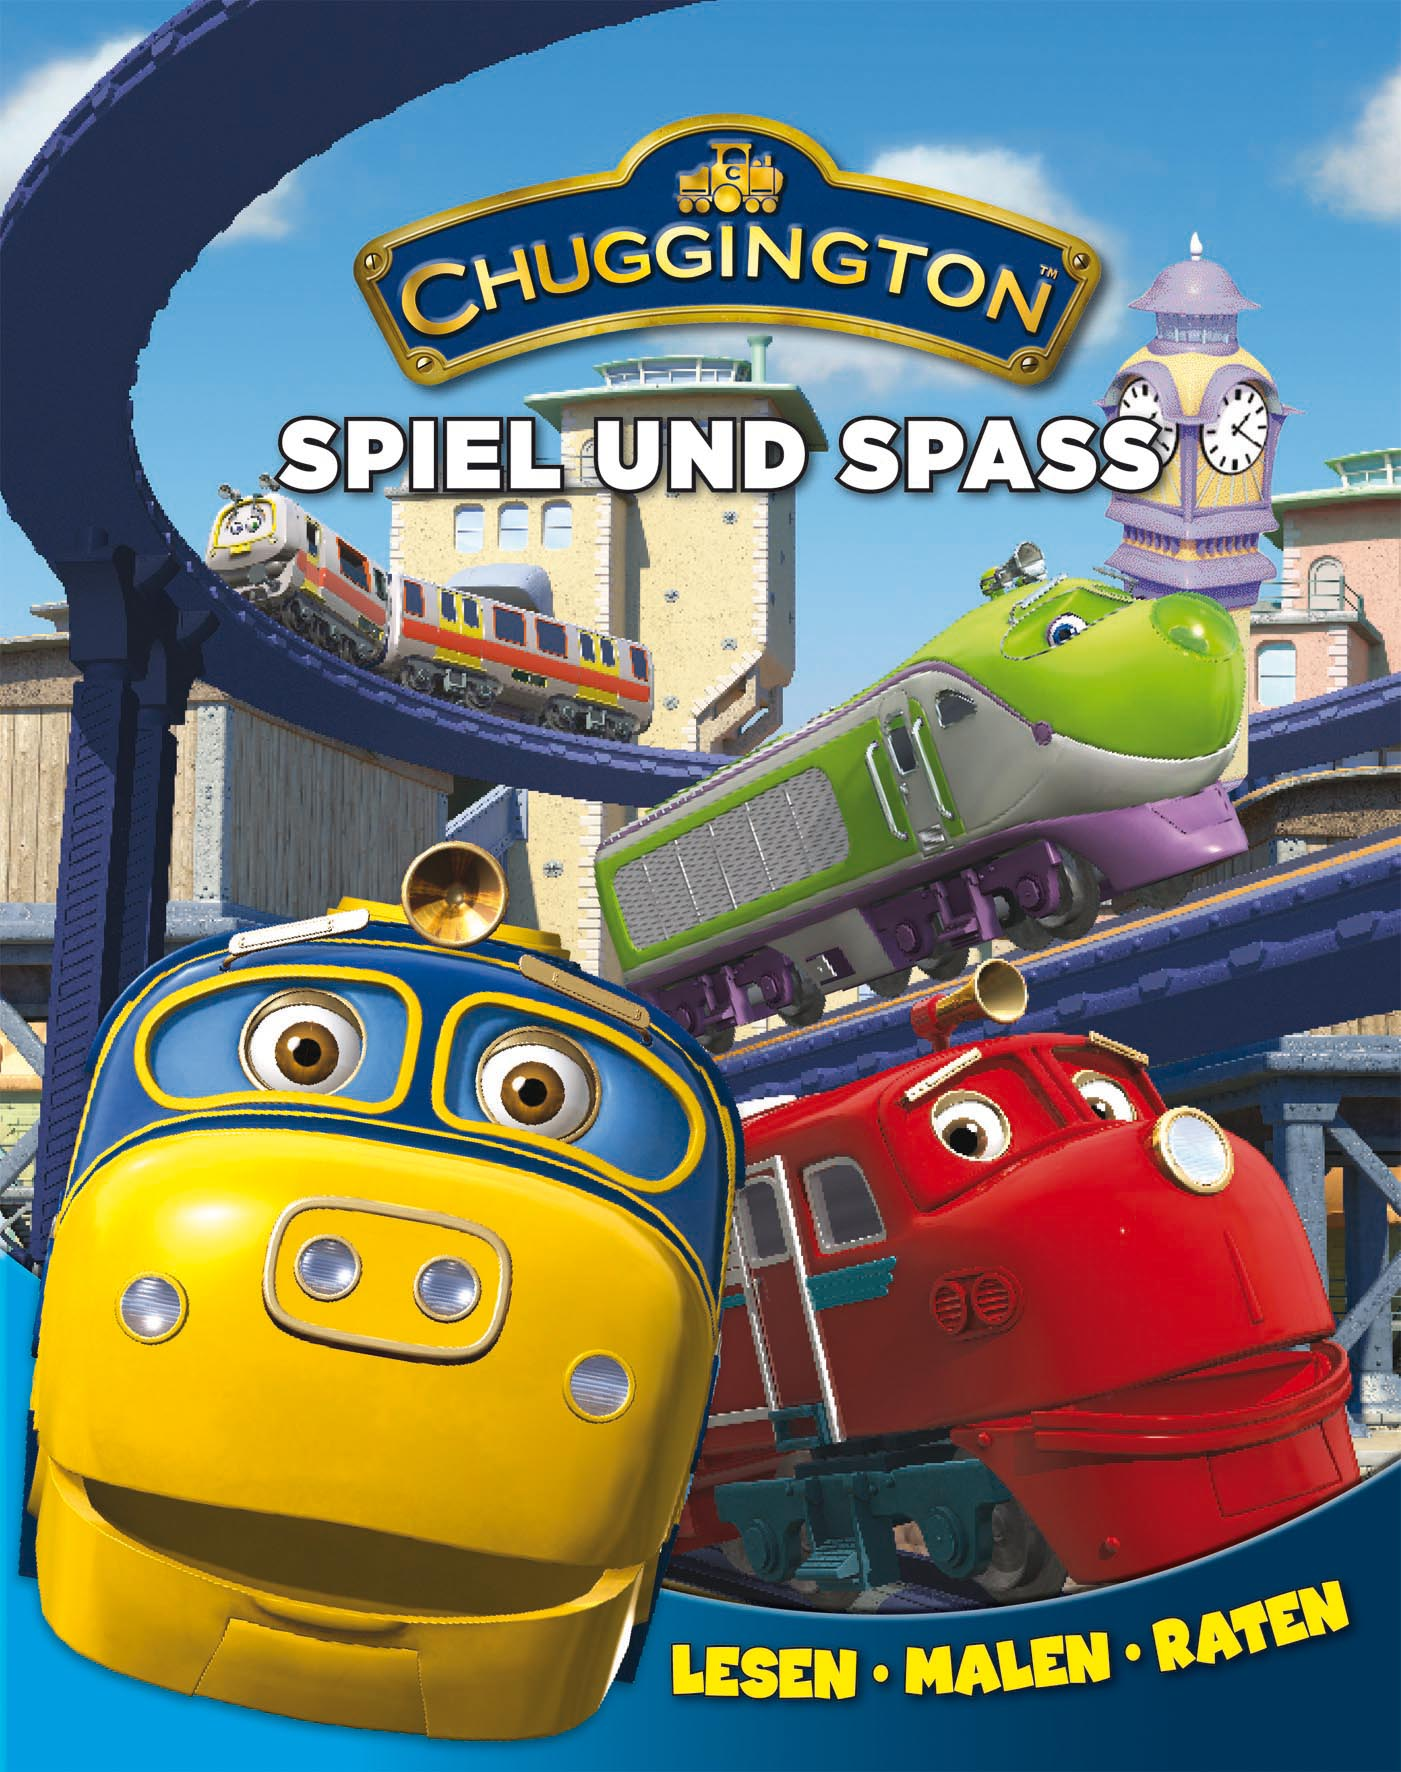 Chuggington: Jahresbuch: Spiel und Spass. Lesen - Malen - Raten